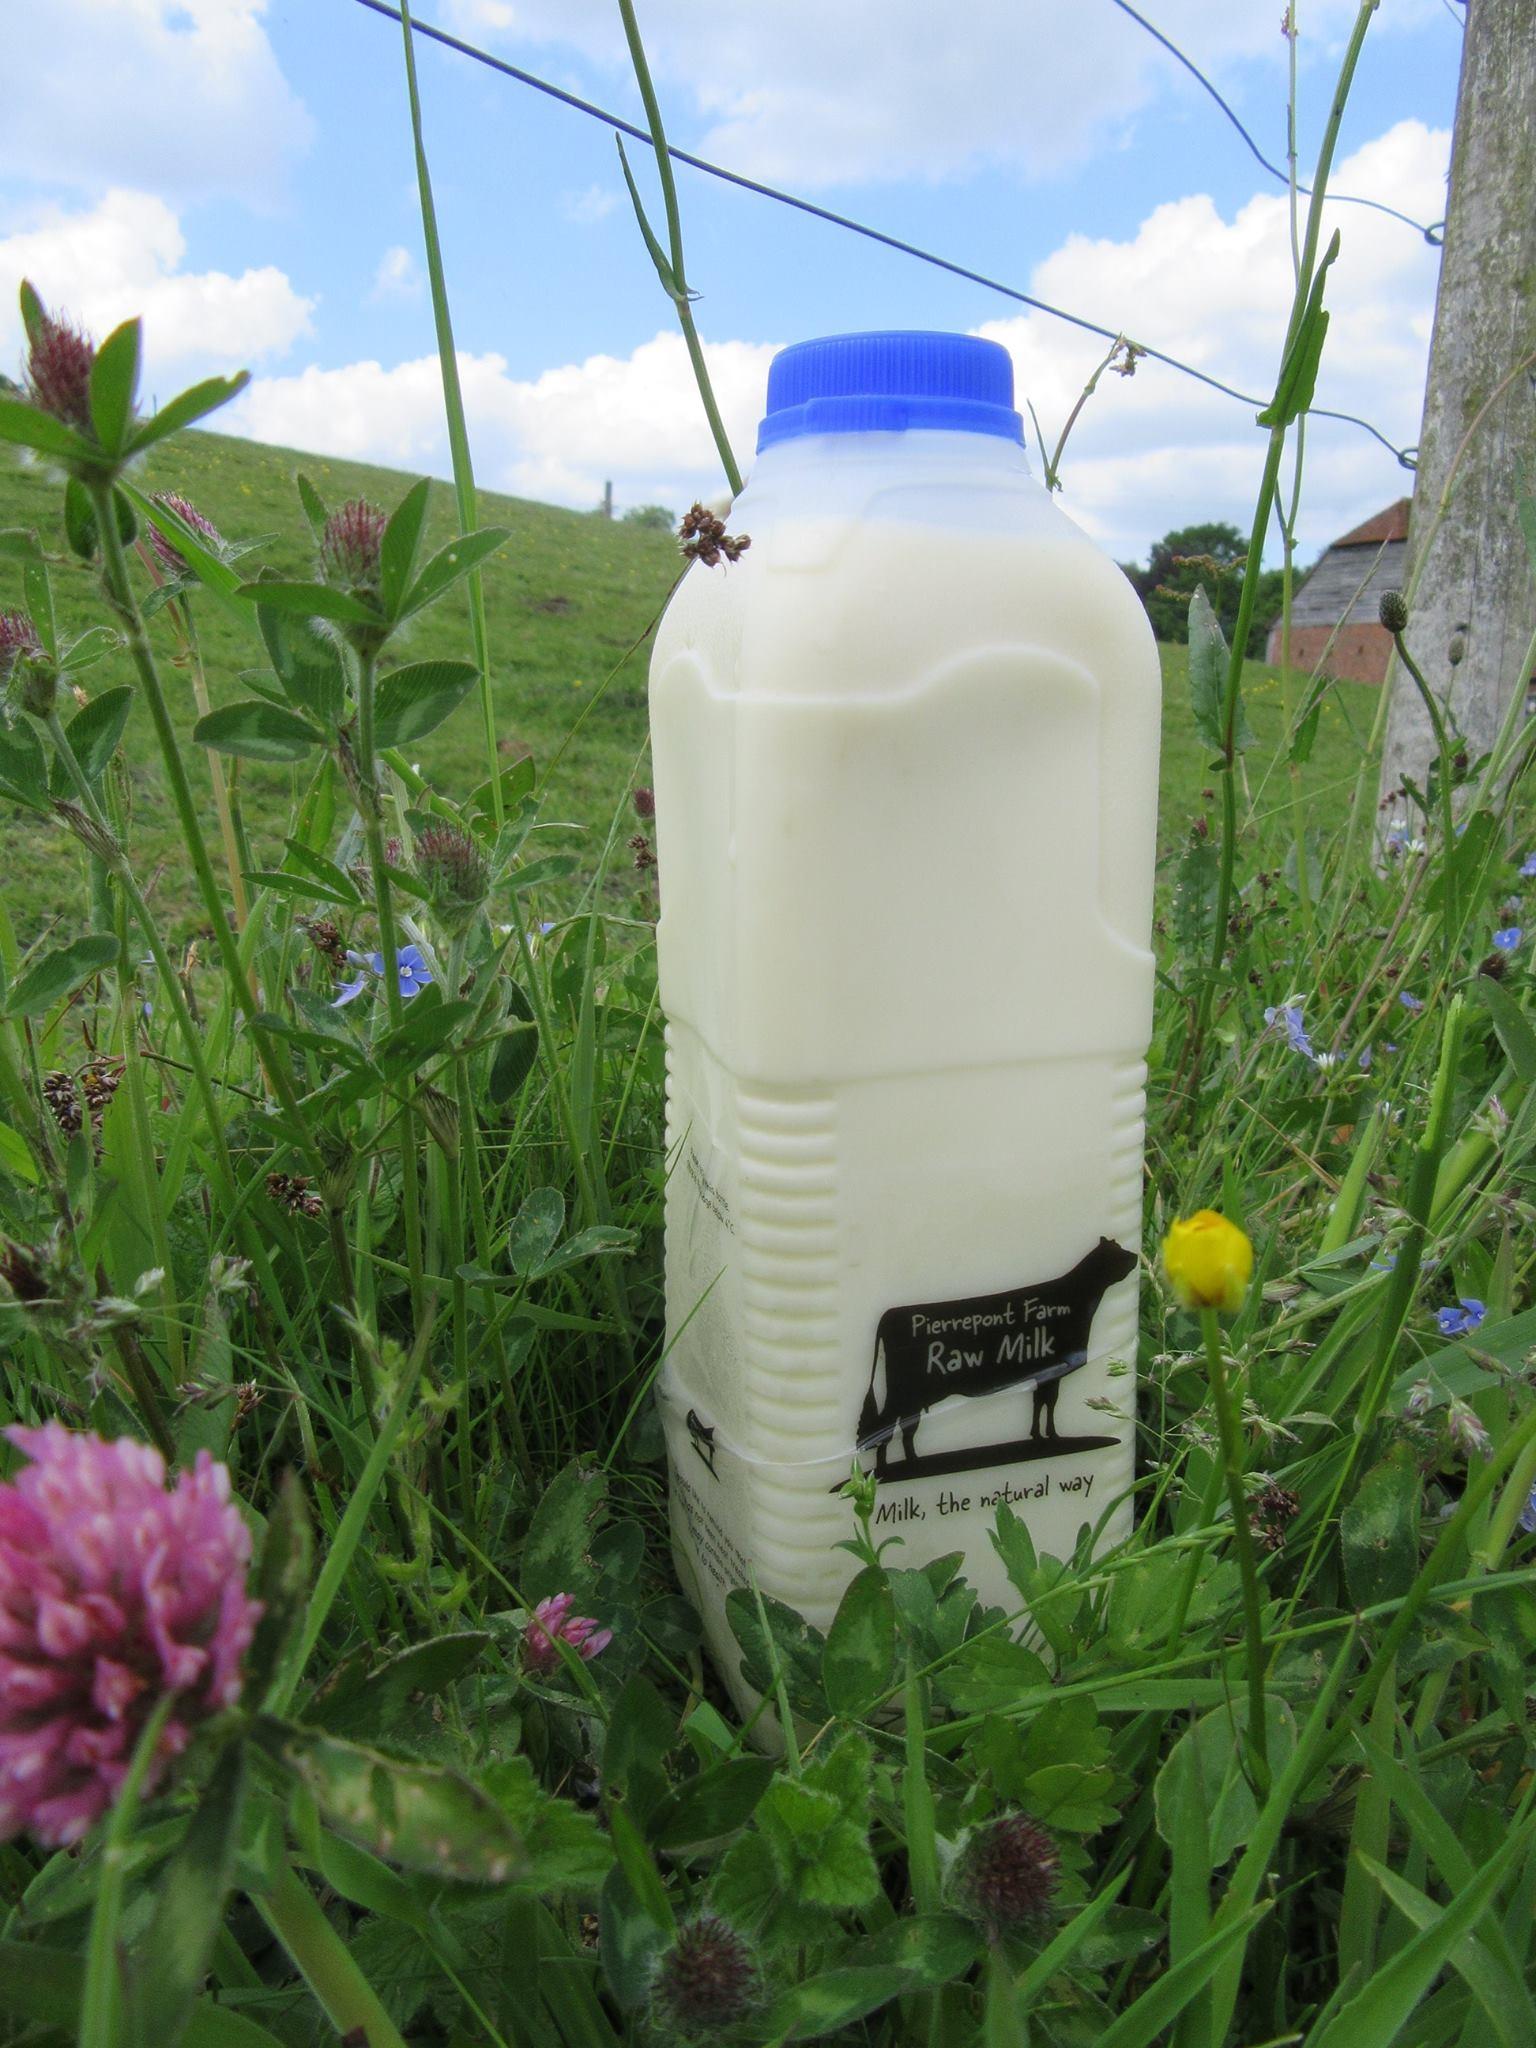 Pierrepont Farm Bottle.jpg